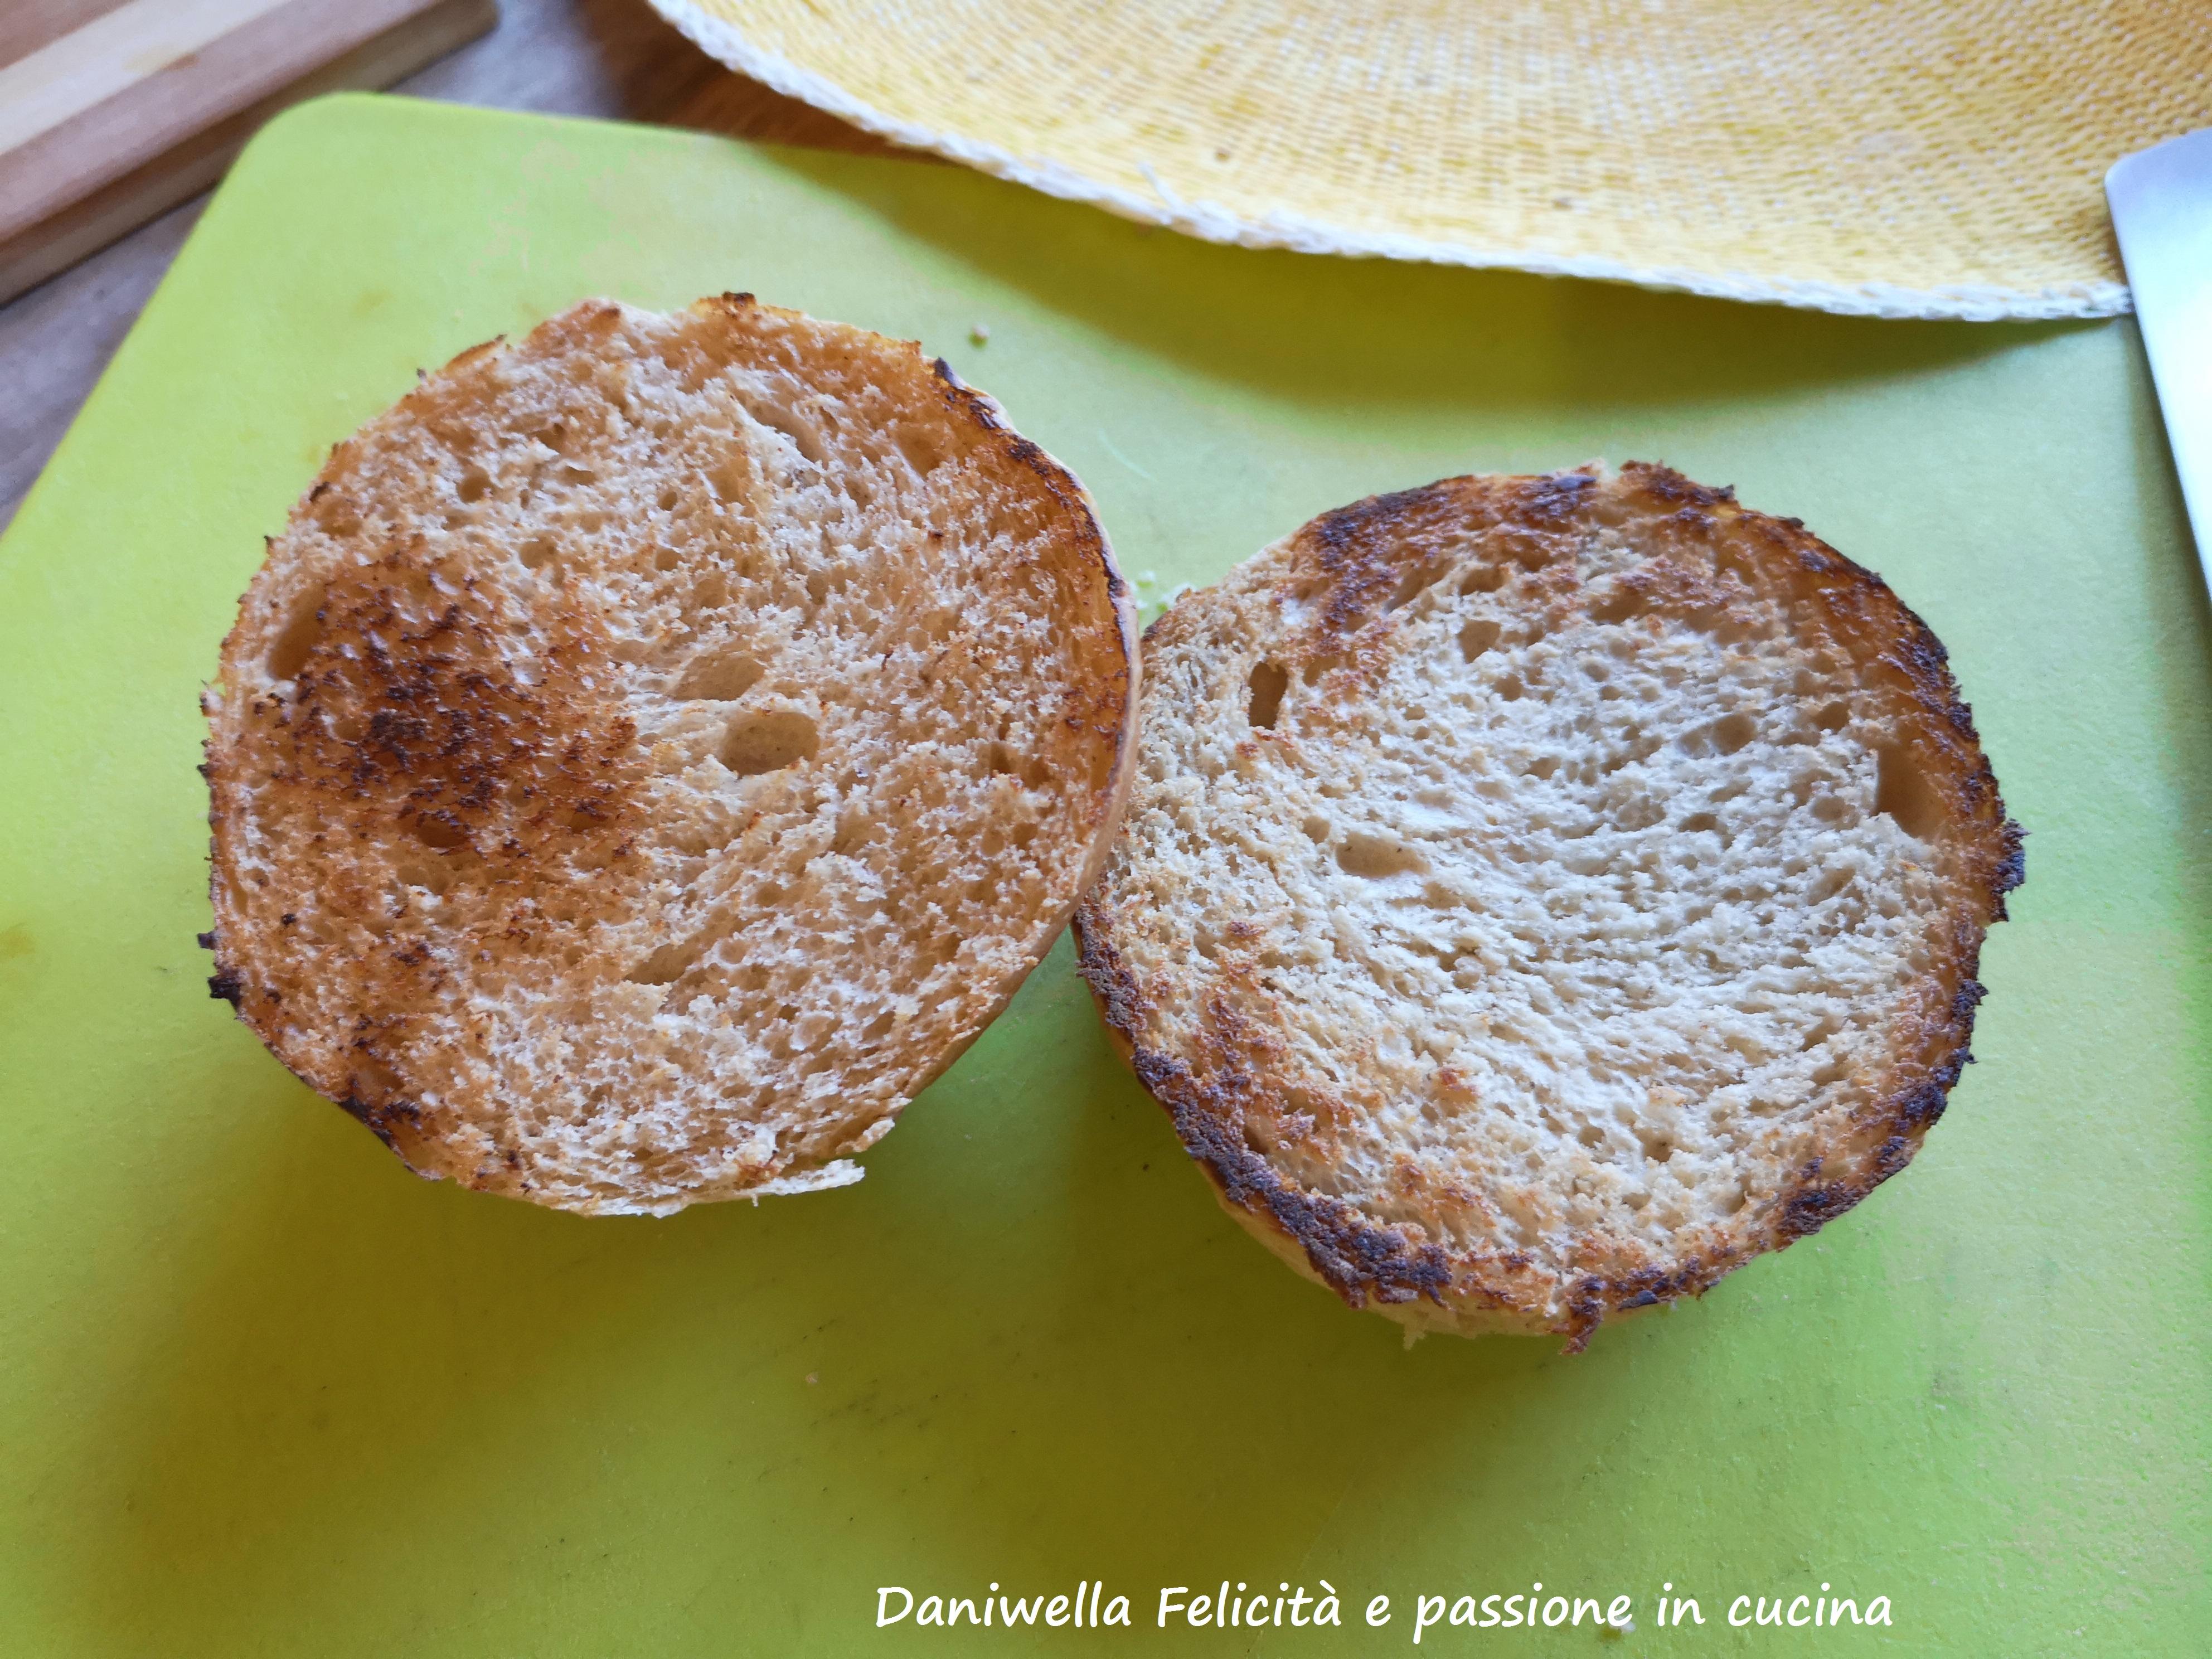 Tagliate a metà i due panini e grigliate leggermente le due parti su una piastra calda. Per facilitare la tostatura spennellate un velo di burro sul pane.